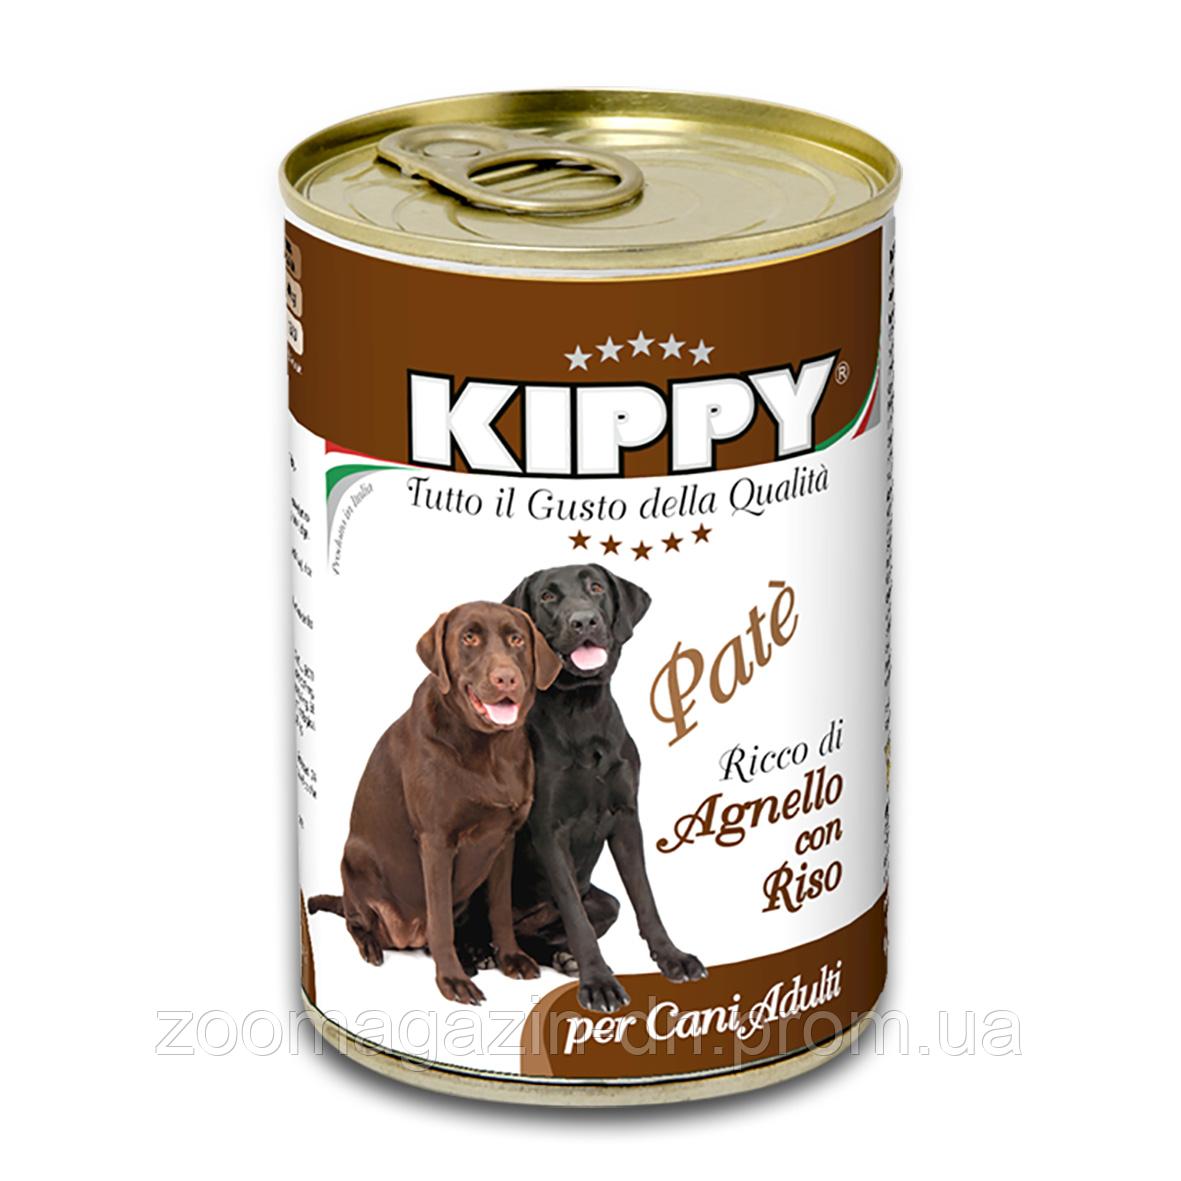 KIPPY Dog 400g. ягненок и рис